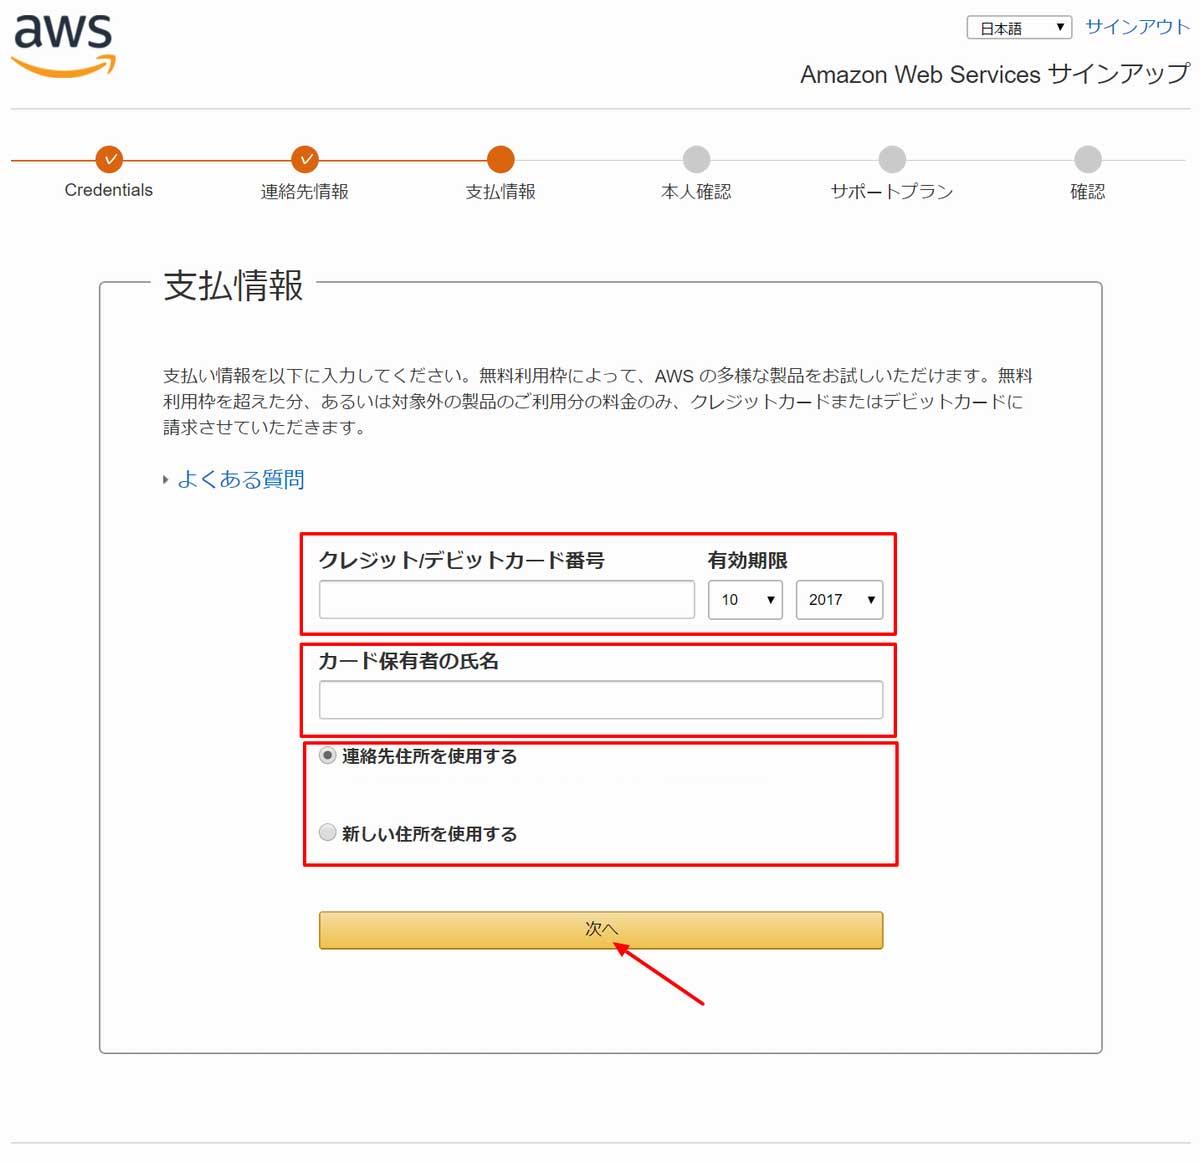 支払情報の入力画面